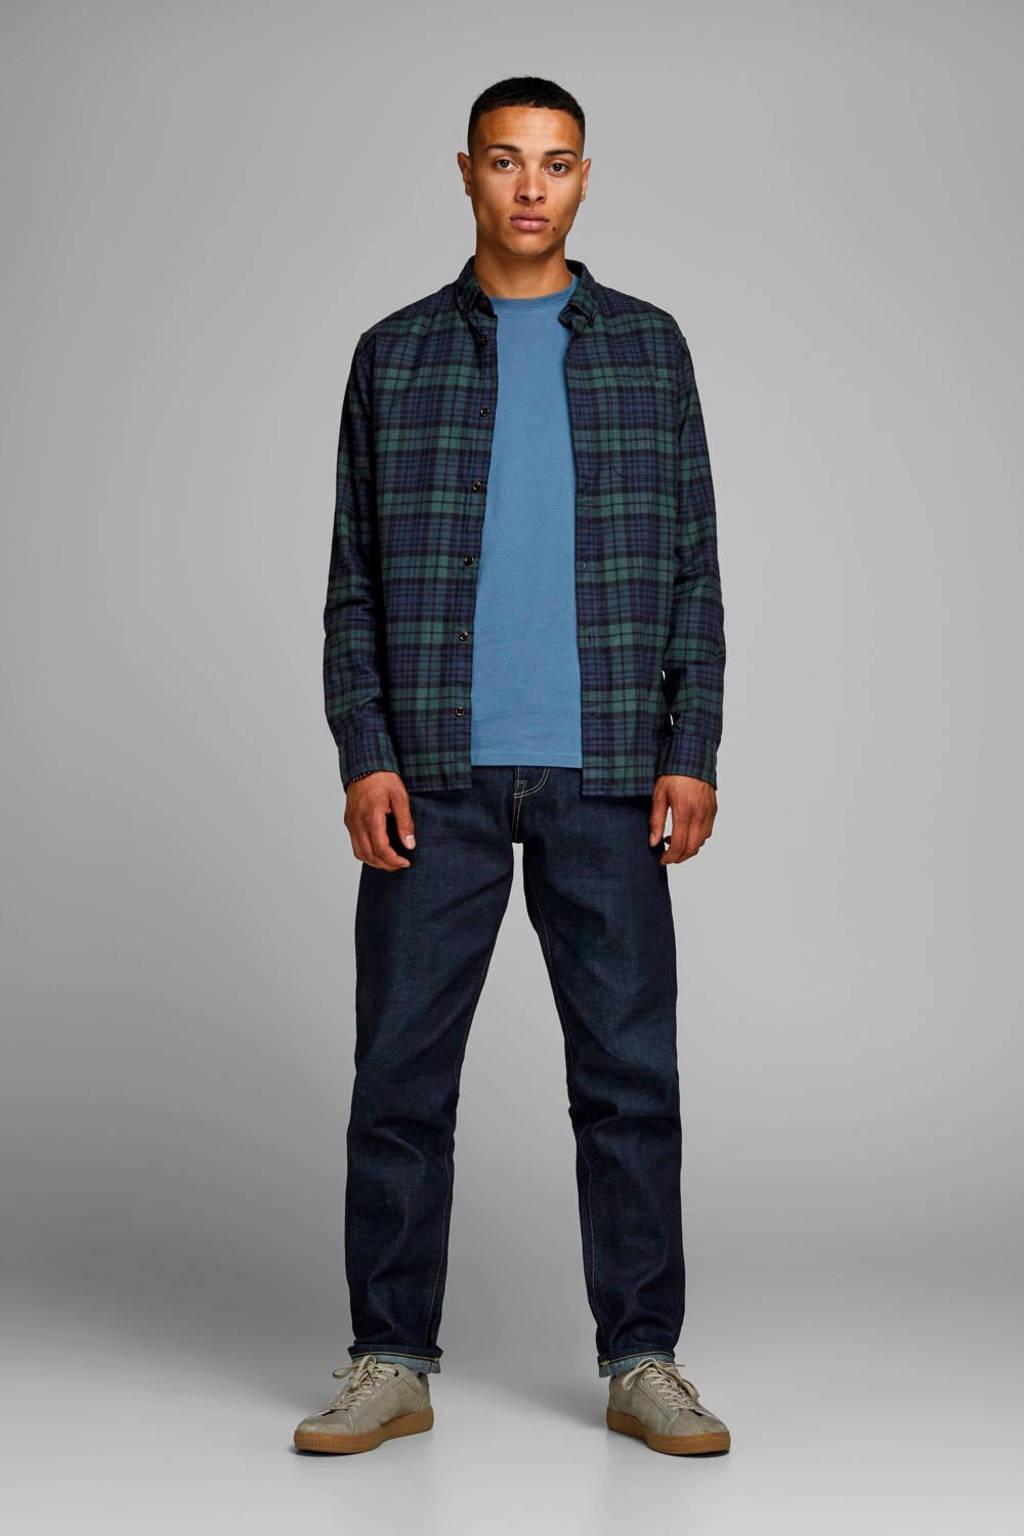 JACK & JONES ESSENTIALS slim fit overhemd met ruit dessin groen, Groen/blauw/zwart